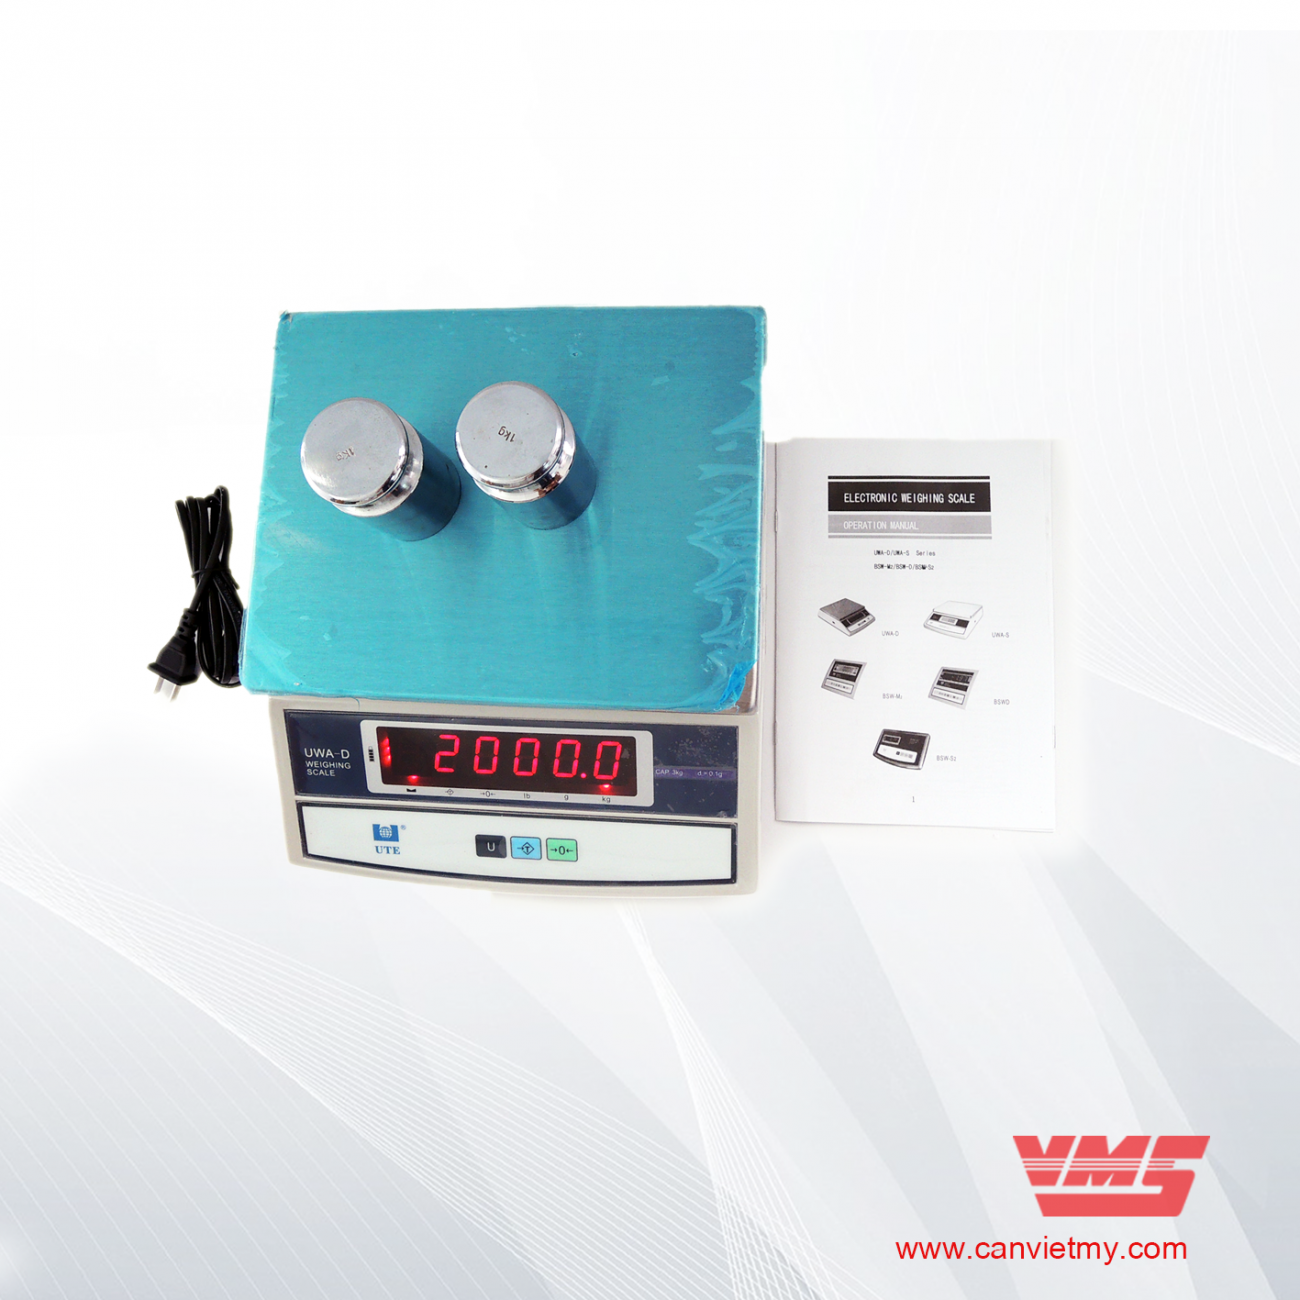 CÂN ĐIỆN TỬ UWA-D 6kg slide 0